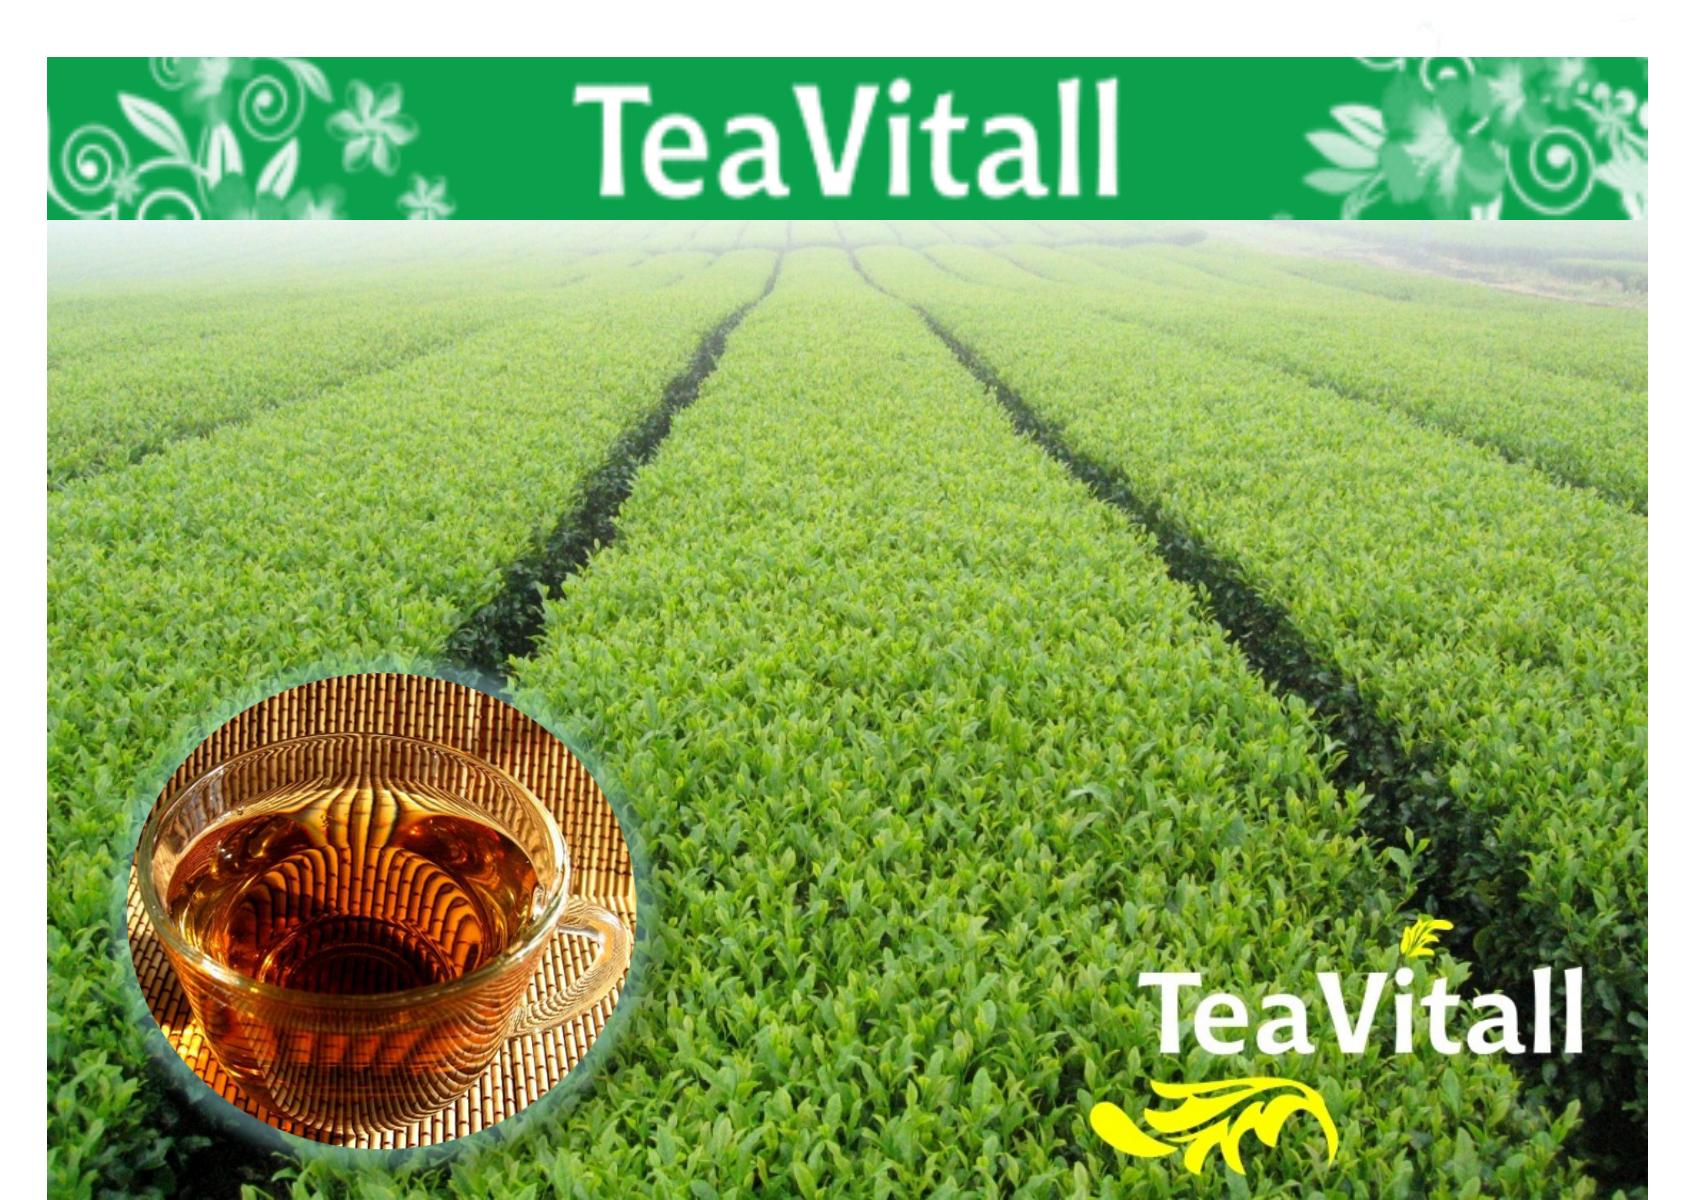 Чайные напитки TeaVitall